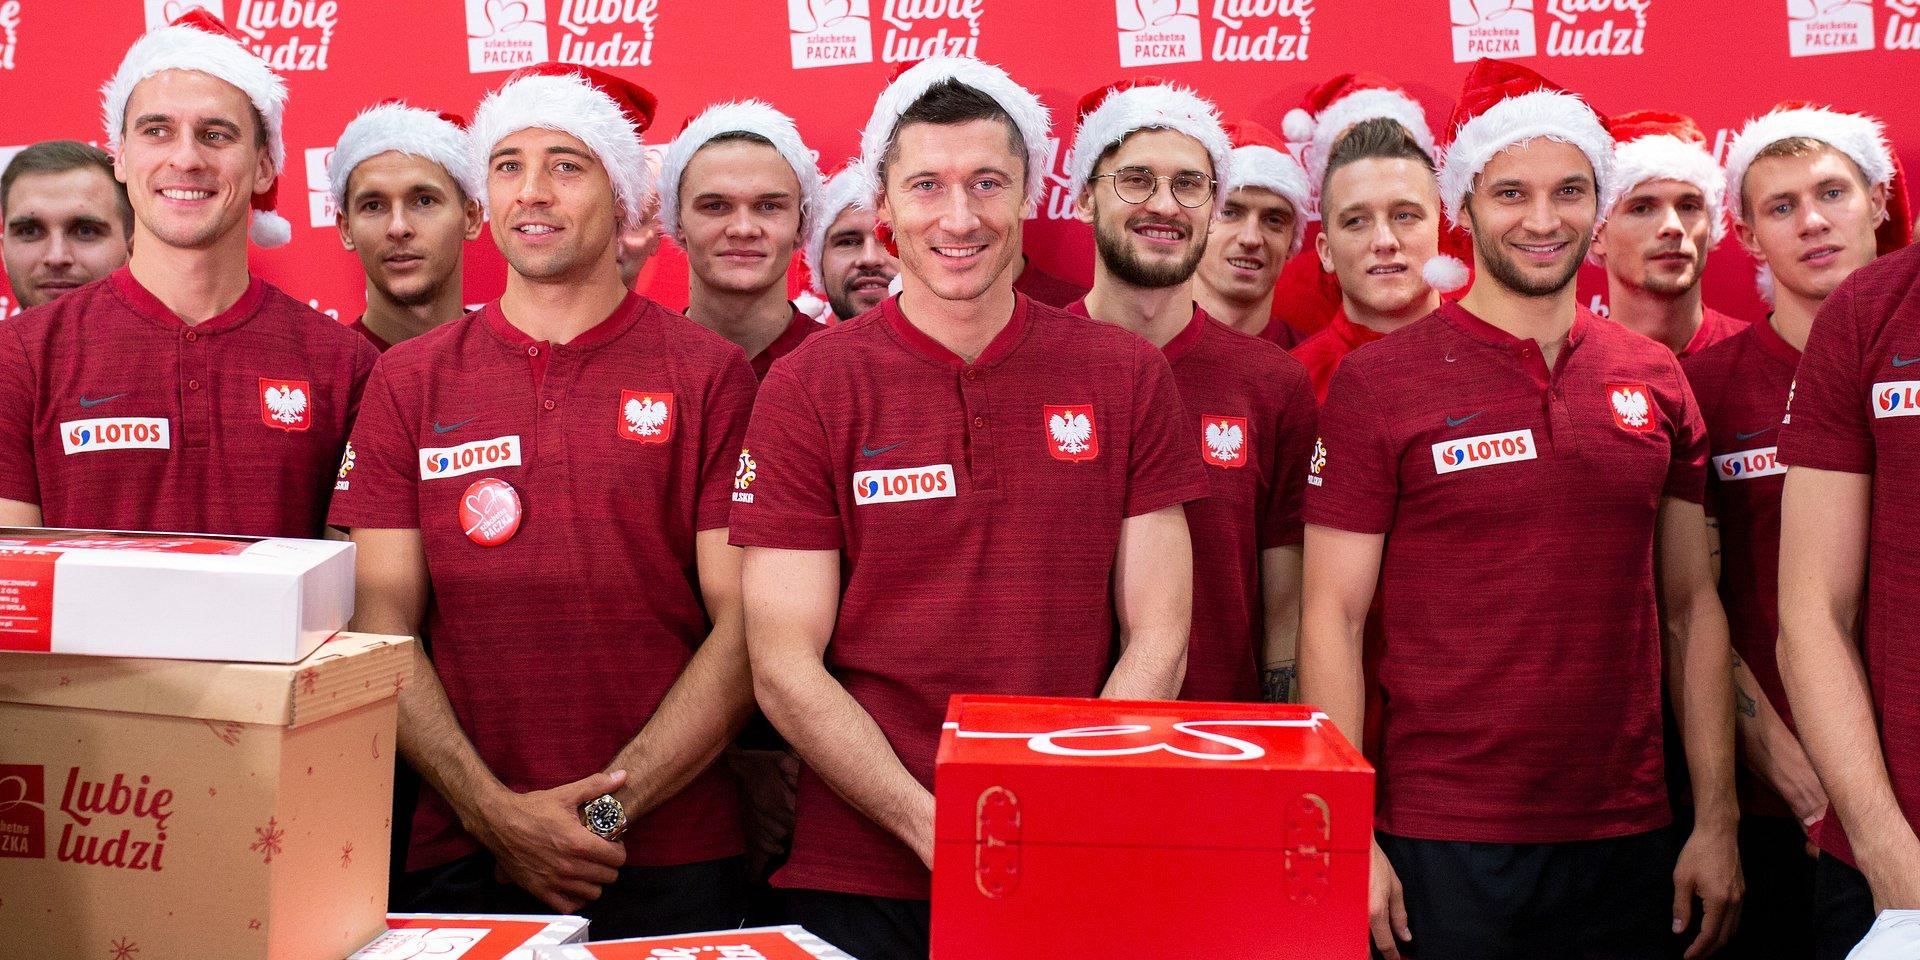 Te rodziny nie walczą o trzy punkty, ale o życie. Polscy piłkarze pomagają ze Szlachetną Paczką